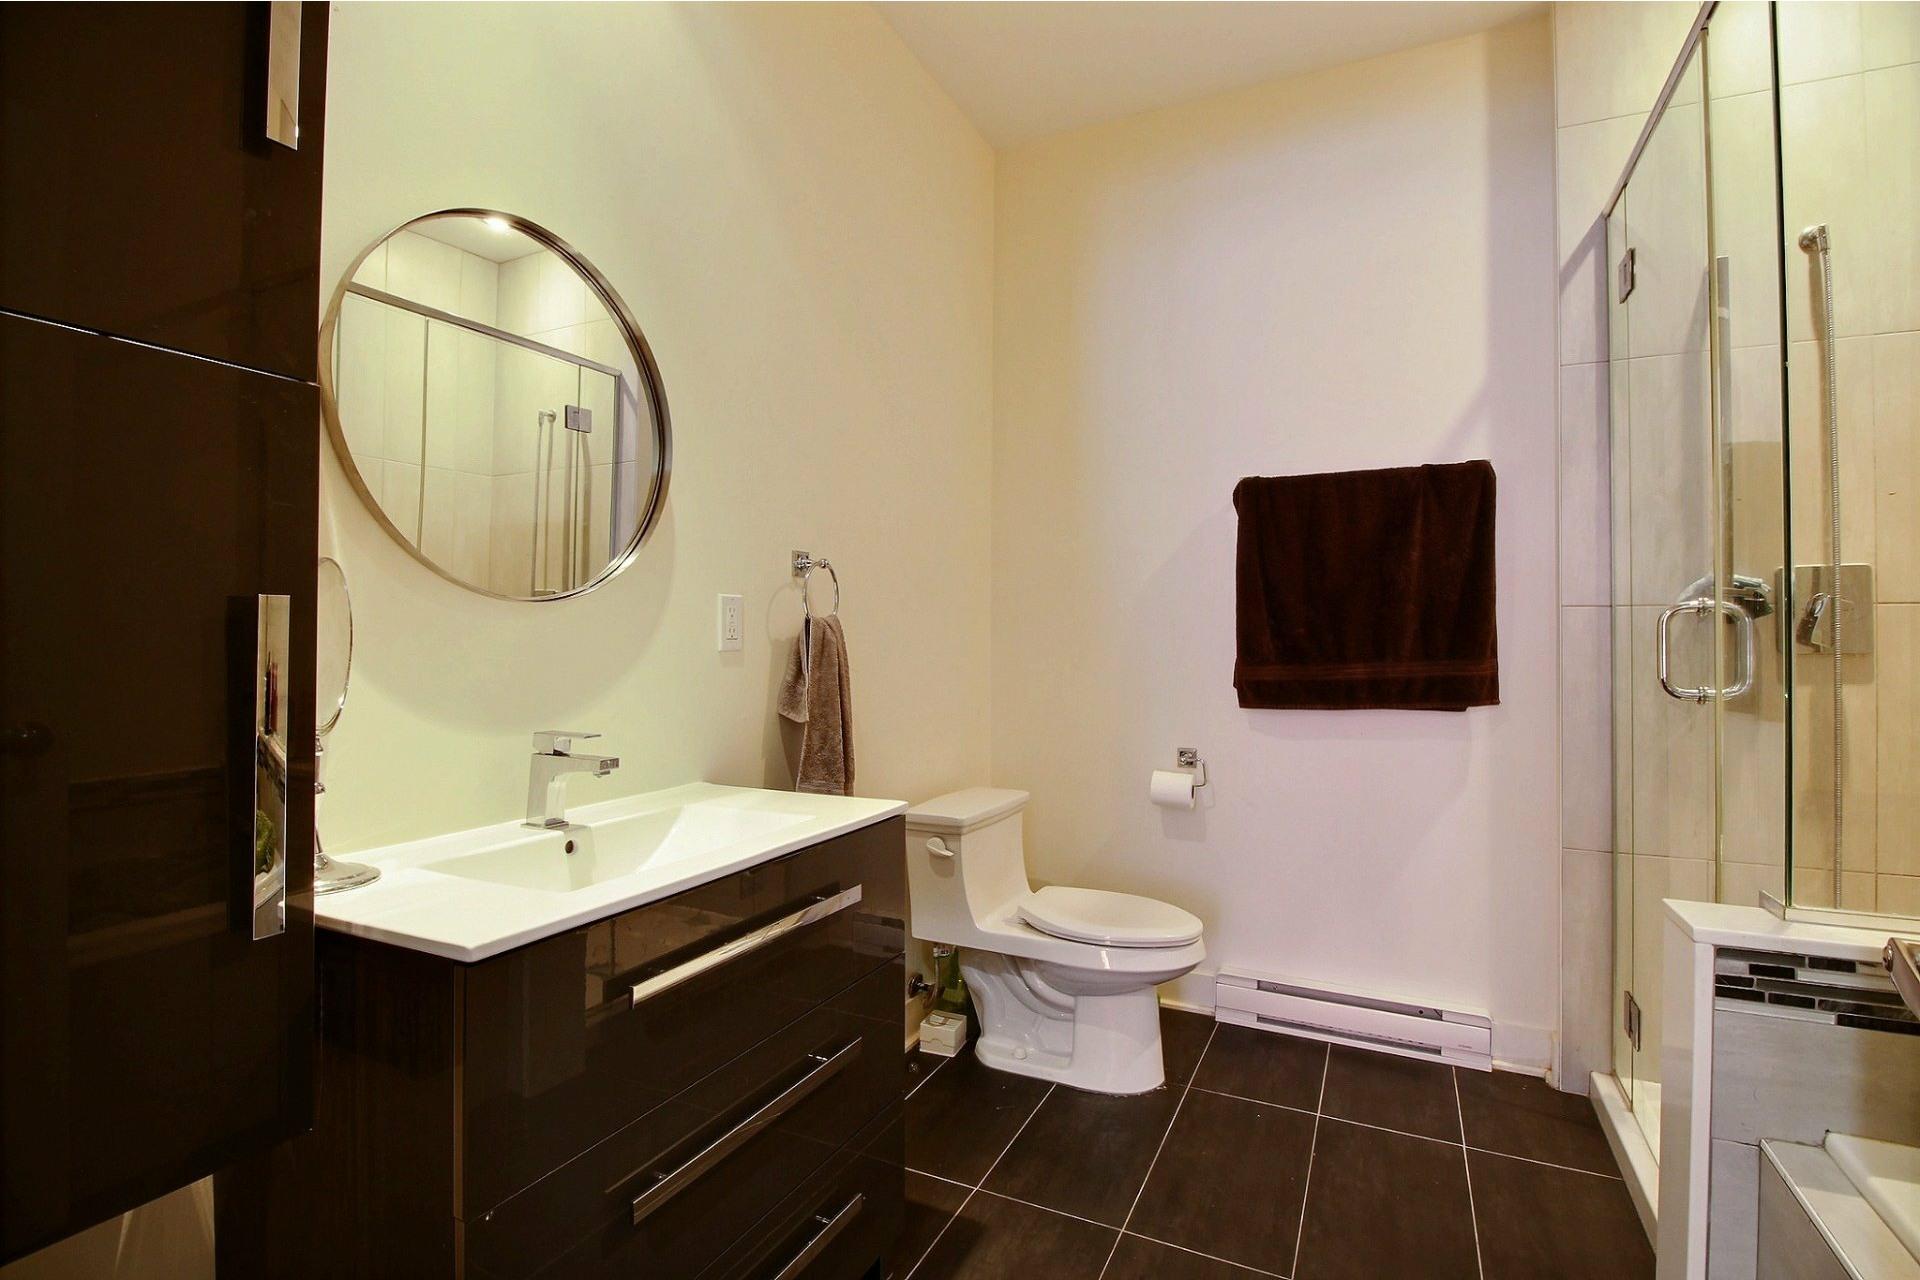 image 15 - Appartement À louer Rivière-des-Prairies/Pointe-aux-Trembles Montréal  - 6 pièces